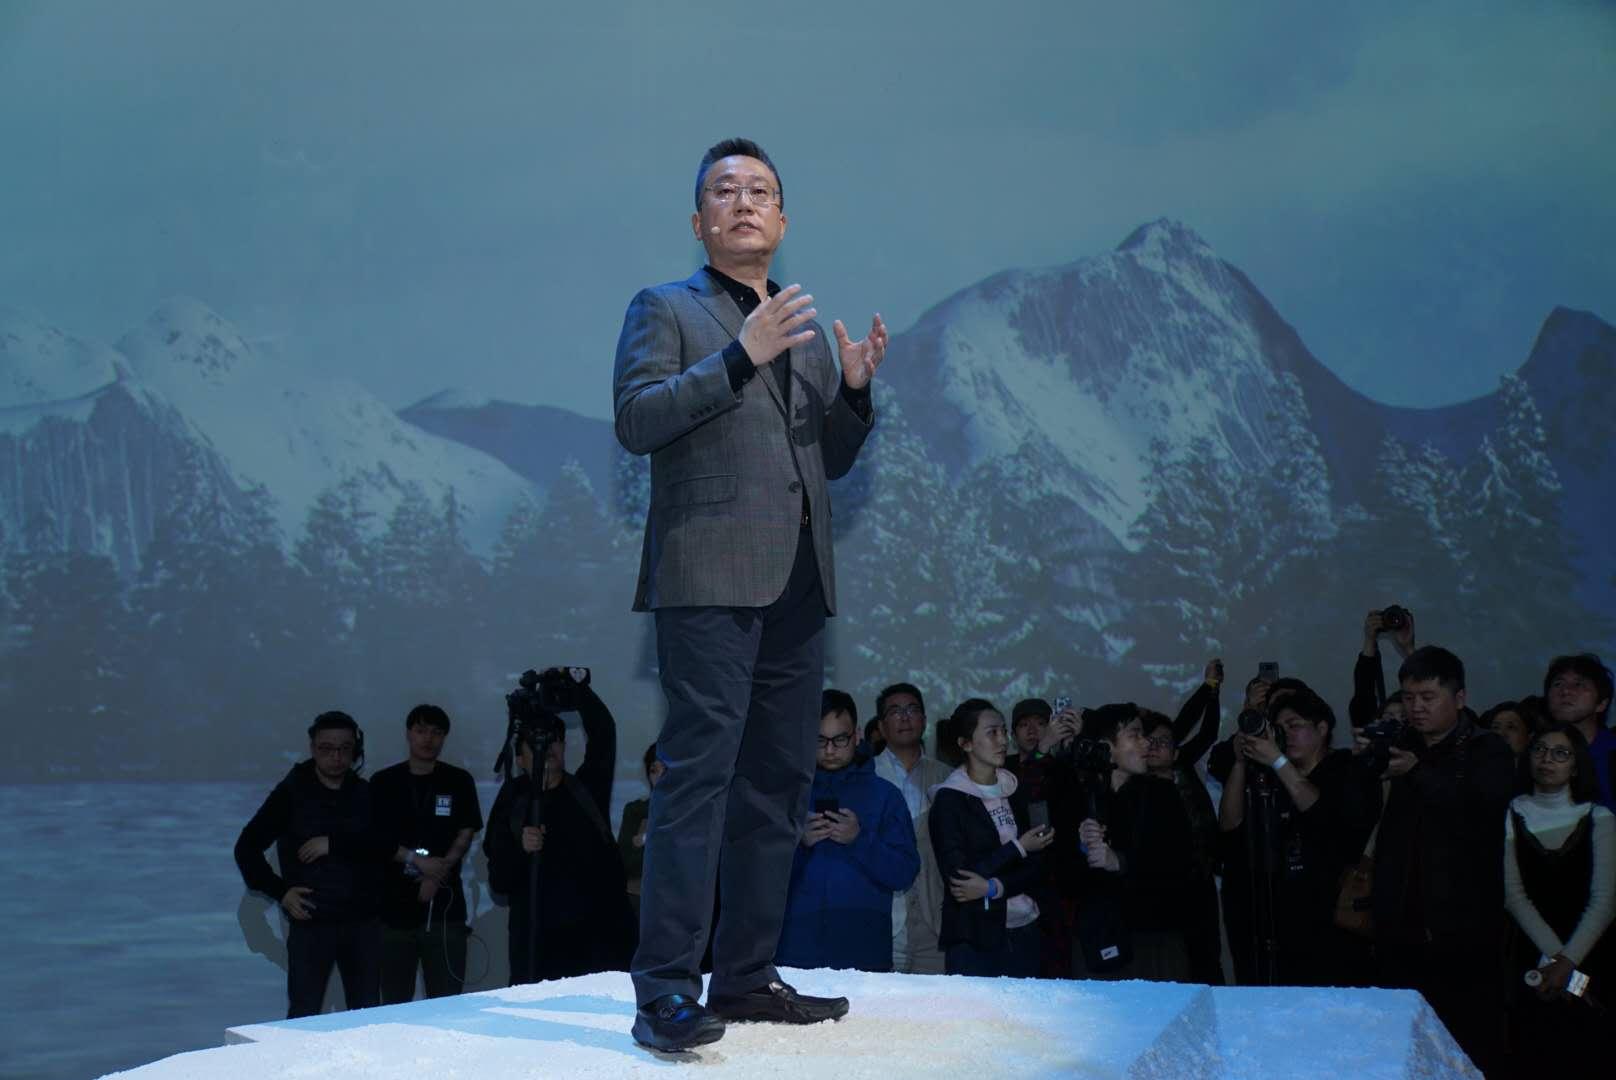 沈晖:凛冬是淬炼上升的阶梯 威马开启进化之旅